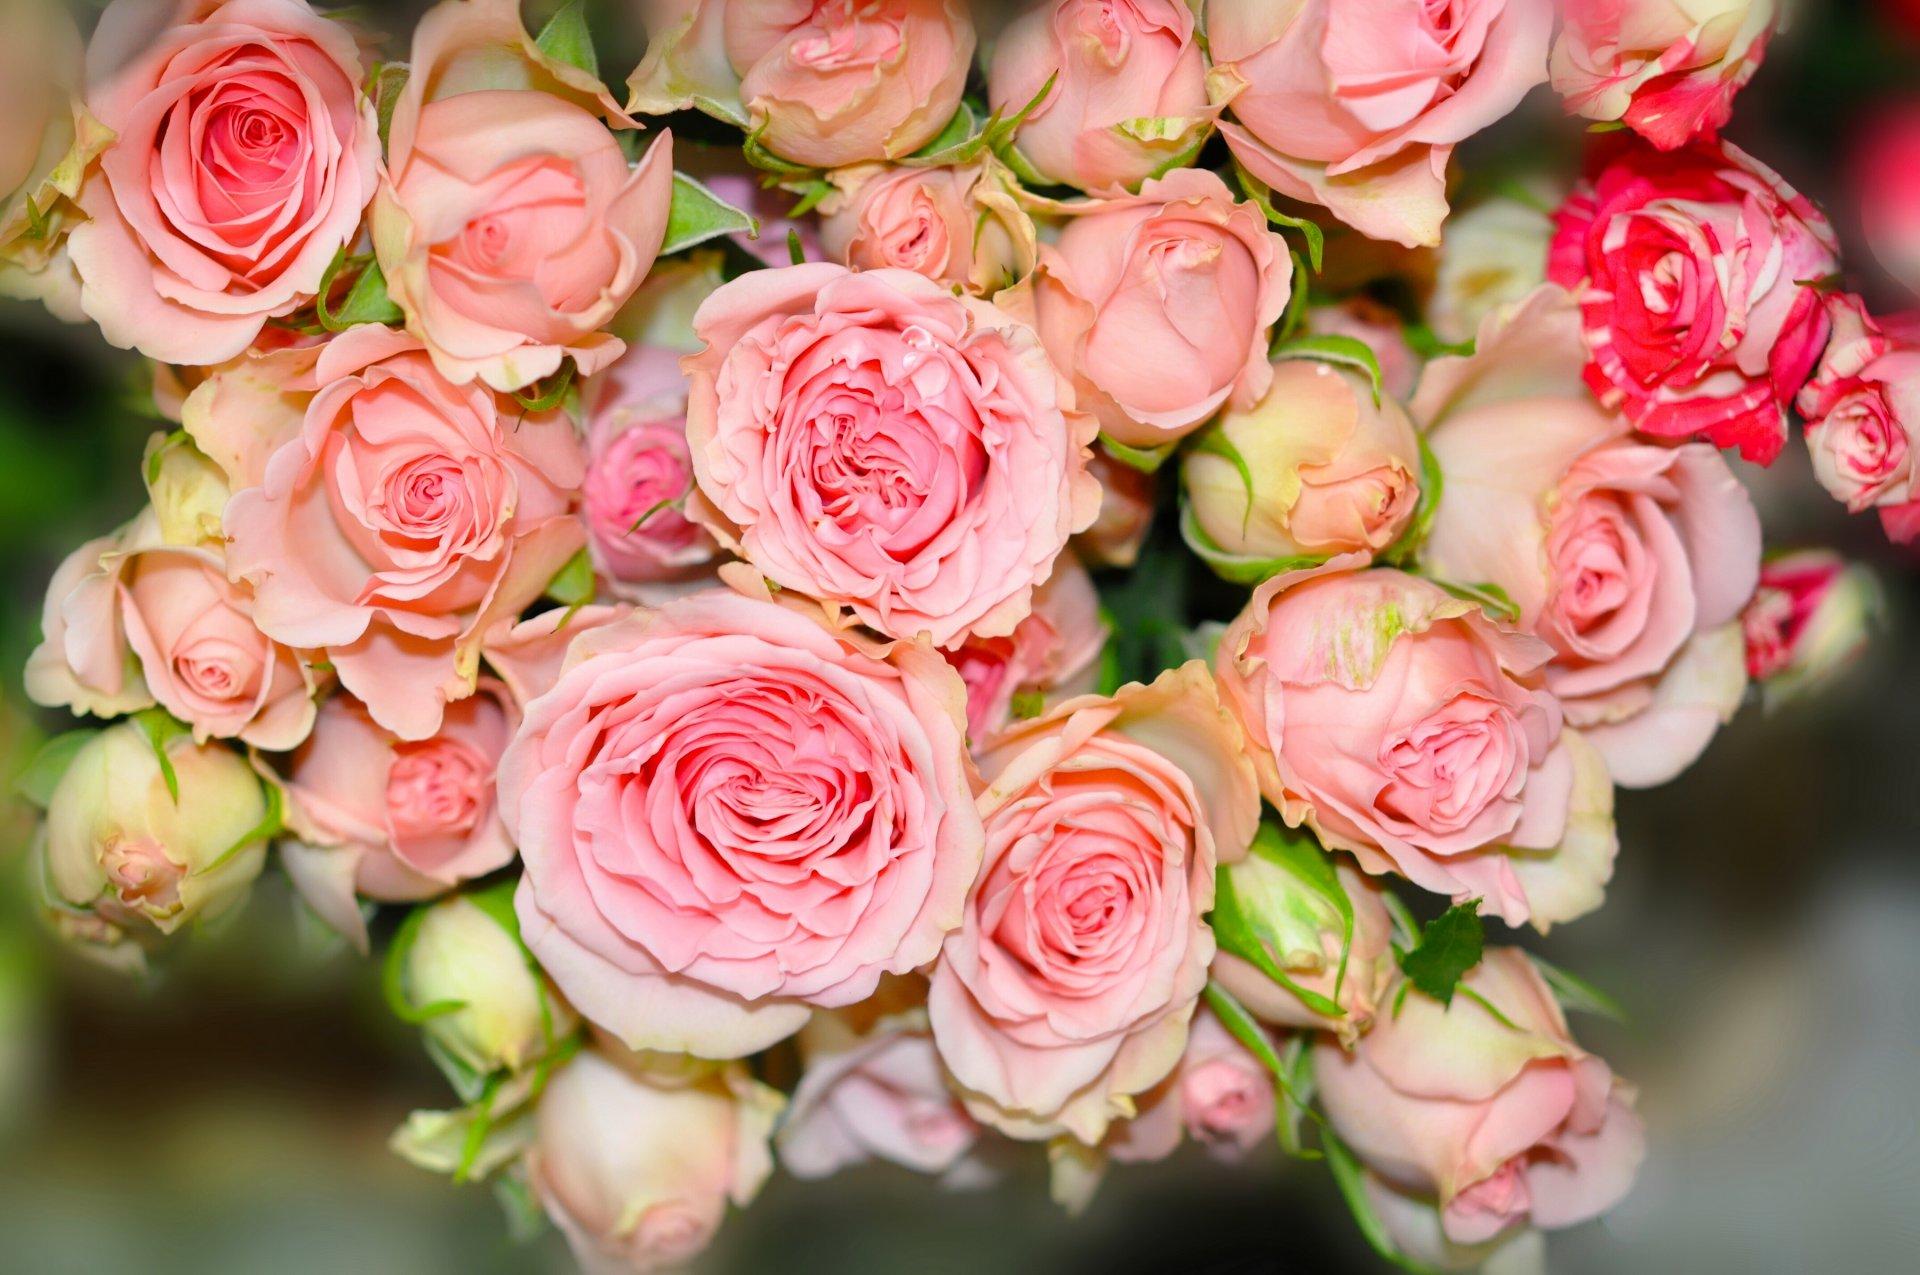 лучших фотографах фото роз в хорошем качестве для печати мощный инструмент